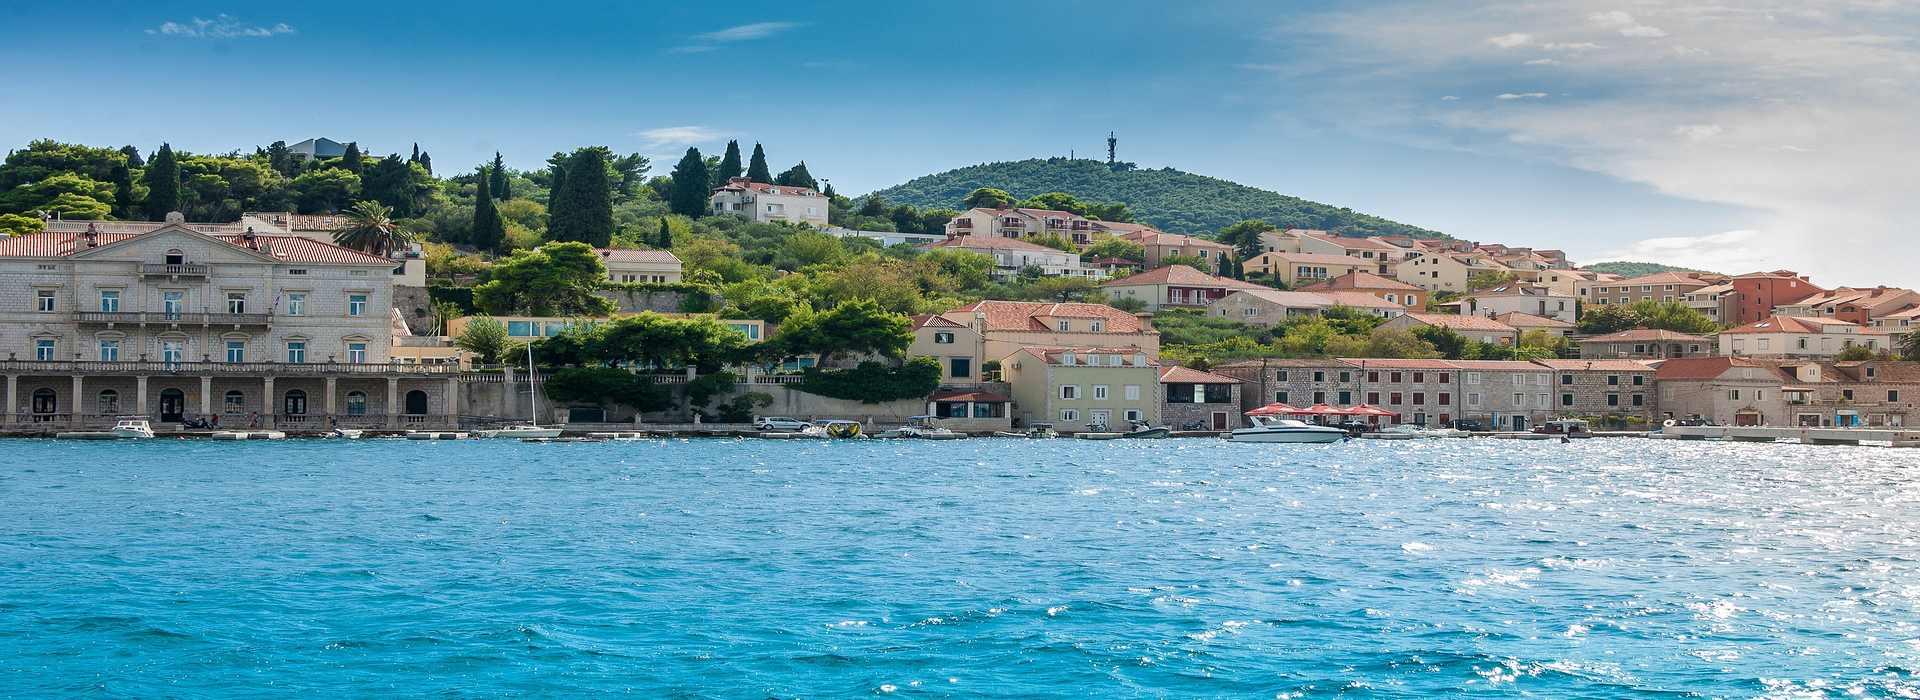 Отдых в стране Хорватия Достопримечательности города Дубровник